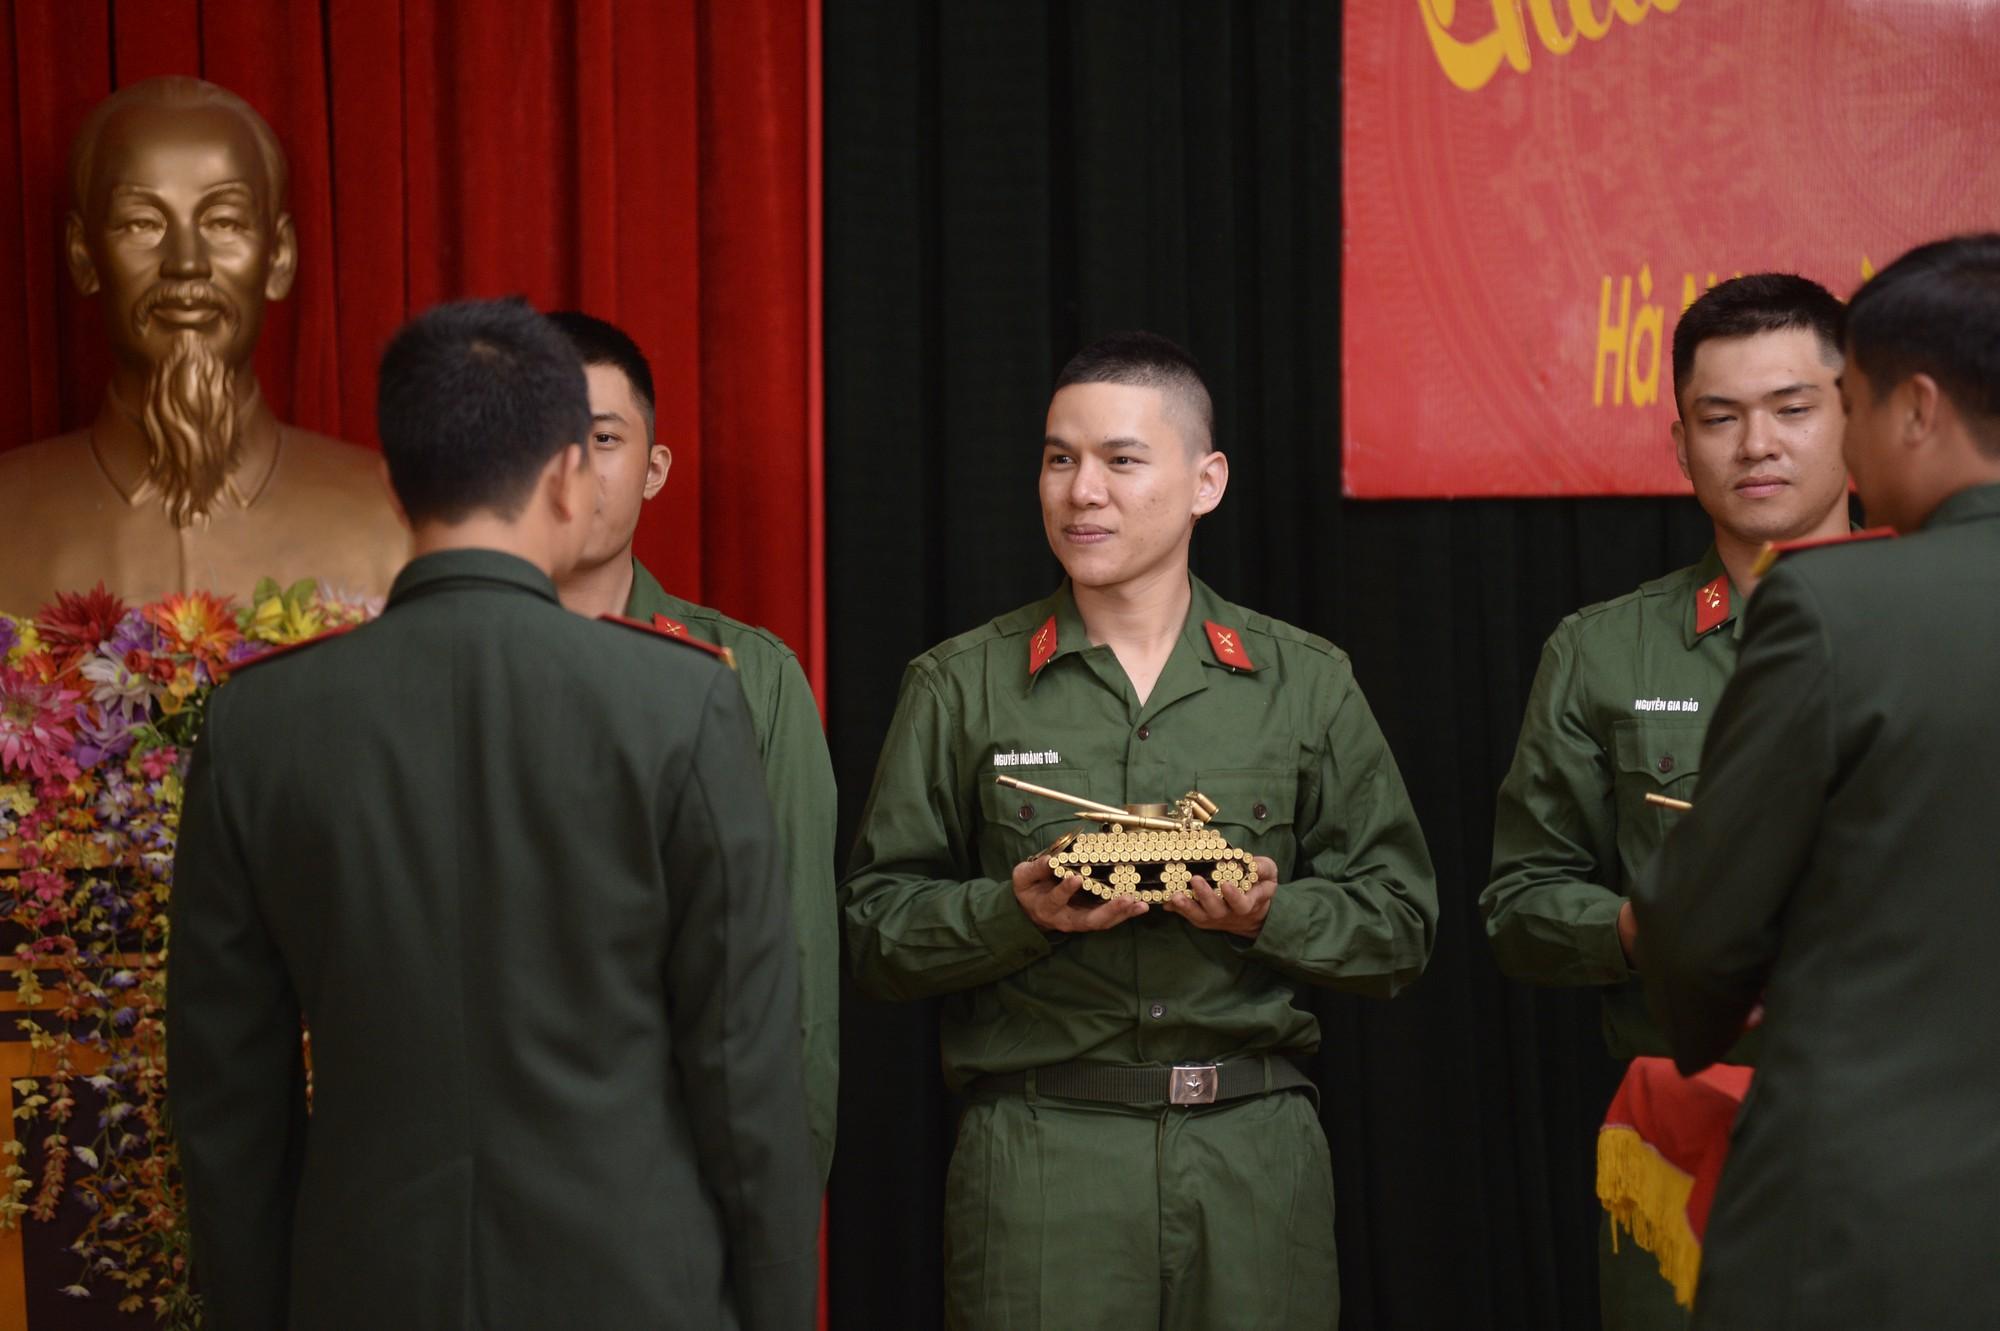 Sao nhập ngũ: Gin Tuấn Kiệt, Hoàng Tôn khiến đồng đội mất ngủ chỉ vì quên mang... vớ - Ảnh 10.